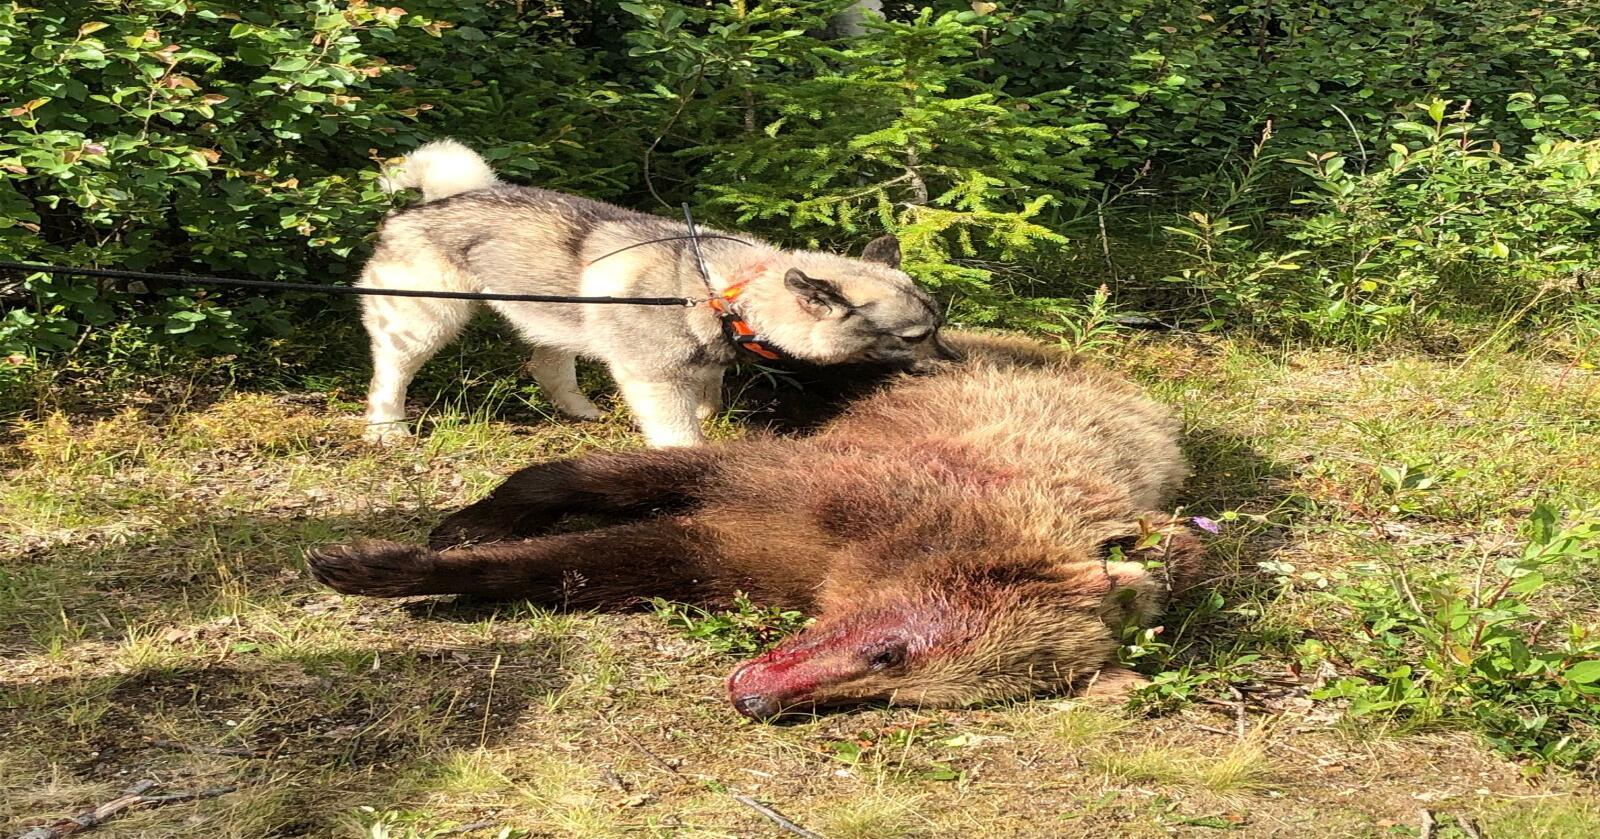 Det var en hannbjørn på rundt 2,5 år som ble felt i Tynset. Fylkesmannen ga muntlig tillatelse til skadefelling. (Foto: Privat)